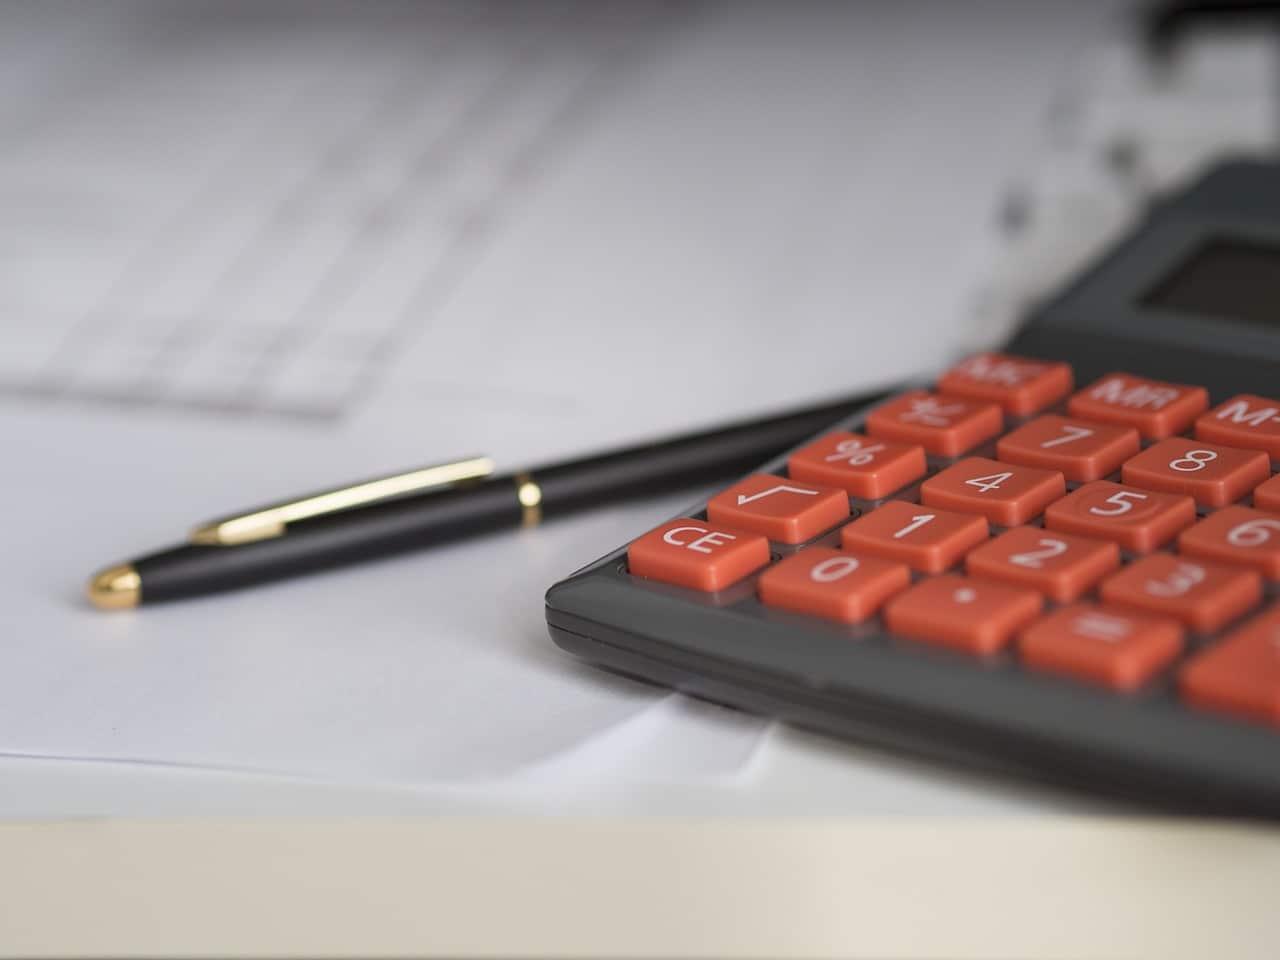 Prime d'activité 2020 : calcul, montant et conditions